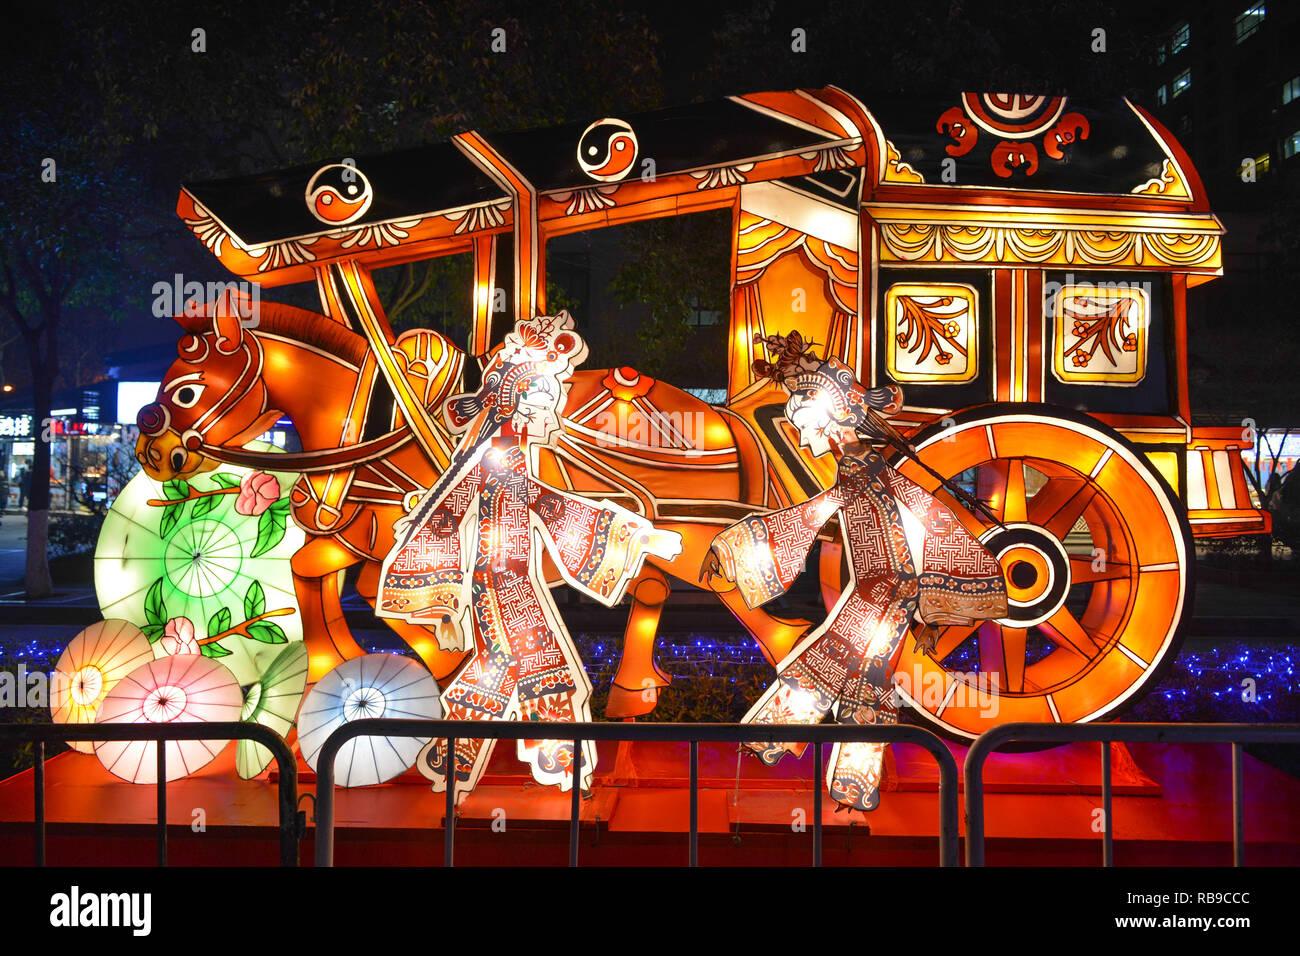 Nanjing, Nanjing, Cina. Gen 8, 2019. Nanjing, Cina-lo show di luci possono essere visti al Laomendong Scenic Area in Nanjing, provincia dello Jiangsu, segnando la prossima festa di primavera. Credito: SIPA Asia/ZUMA filo/Alamy Live News Immagini Stock